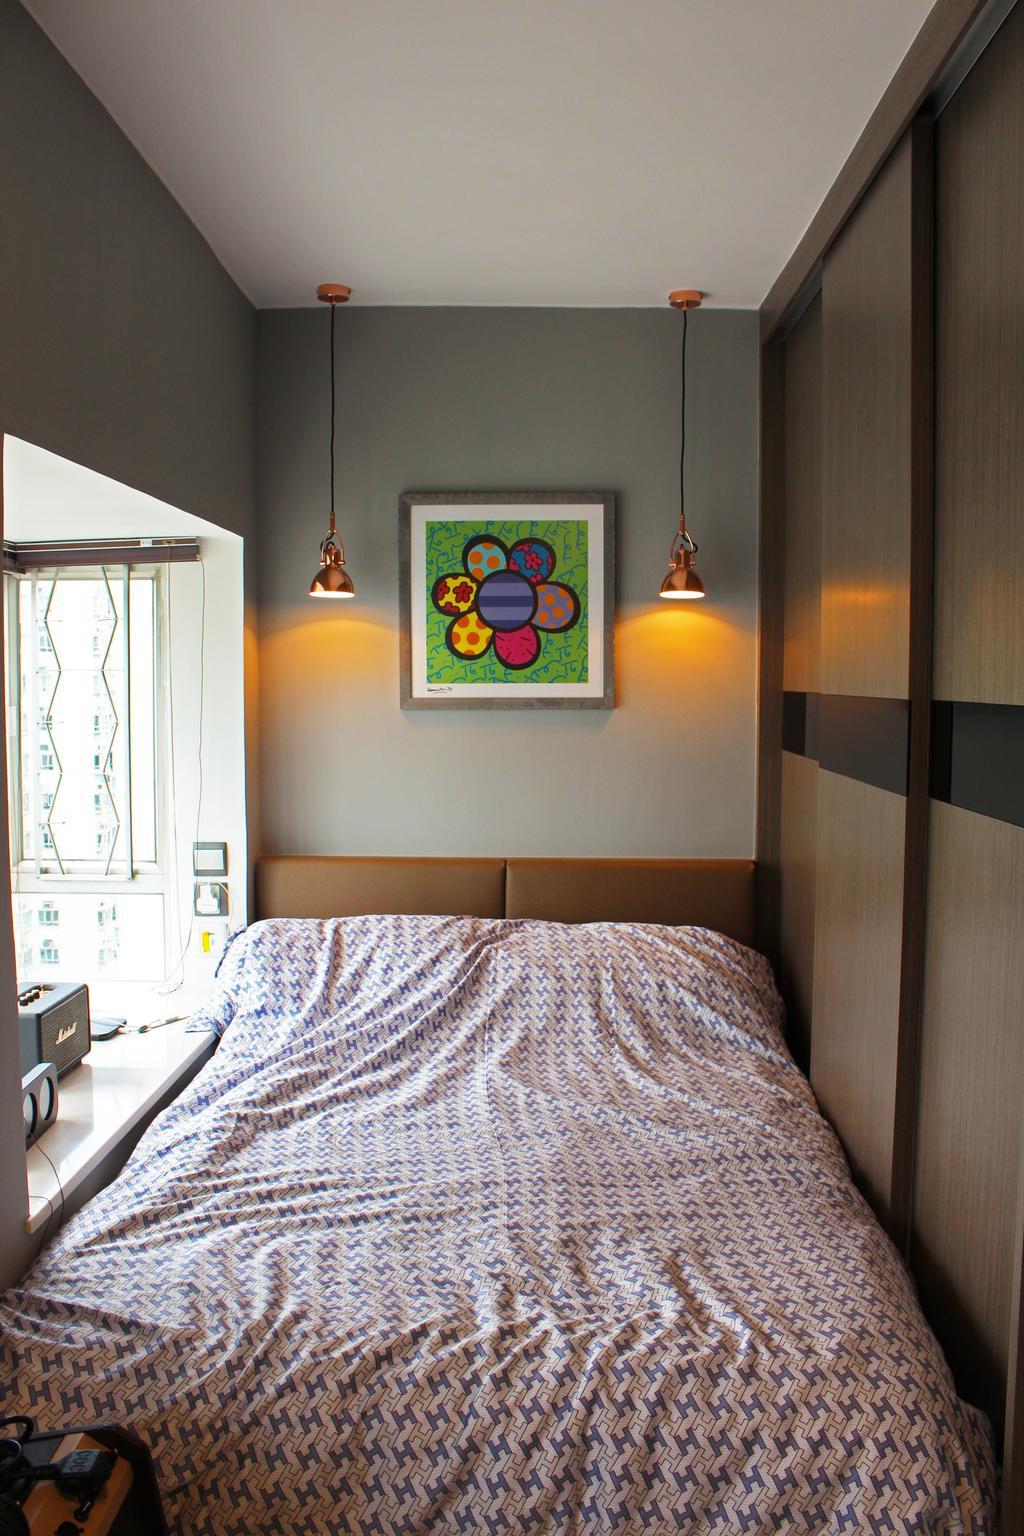 摩登, 私家樓, 睡房, 沙田第一城, 室內設計師, CREATIVE Interior Design Engineering, 隨性, Indoors, Interior Design, Room, Art